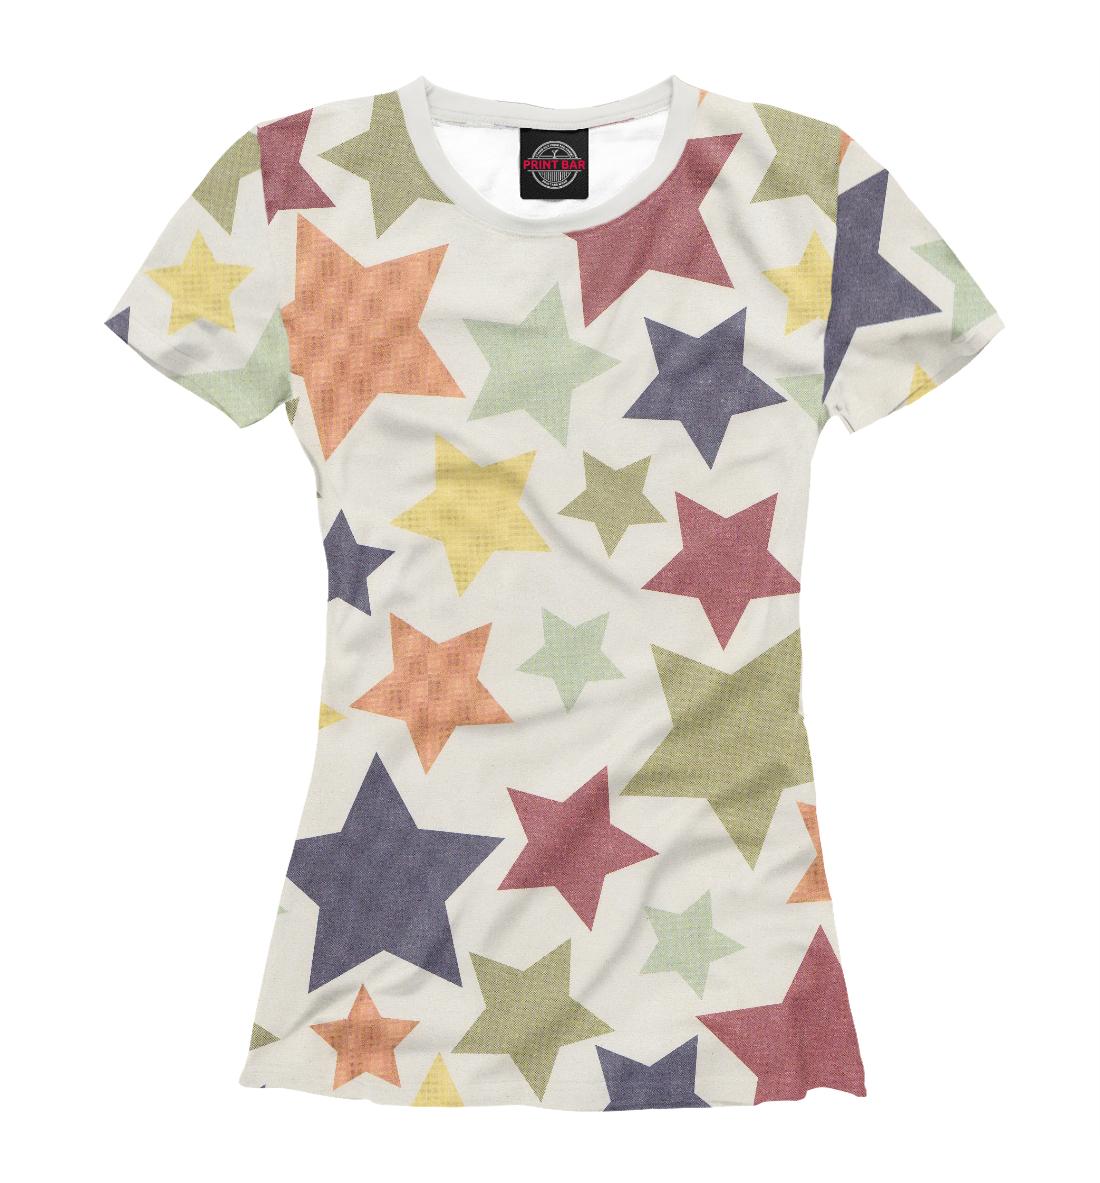 Купить Цветные звезды, Printbar, Футболки, CLR-452281-fut-1